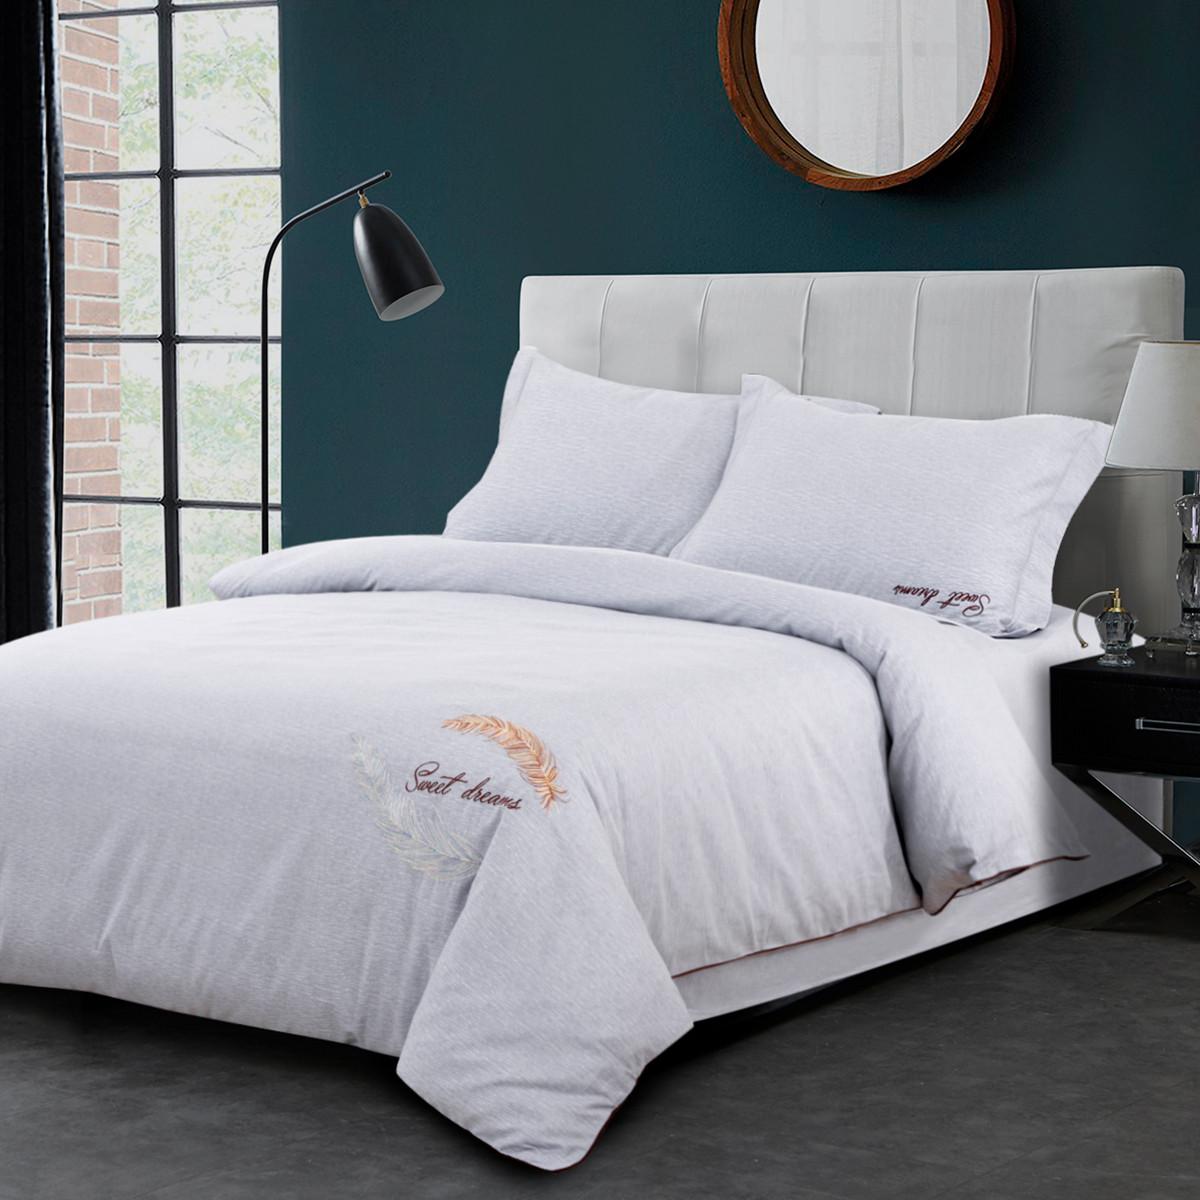 Ramada简约纯色绣花全棉床单式被套床上用品纯棉四件套BS171041